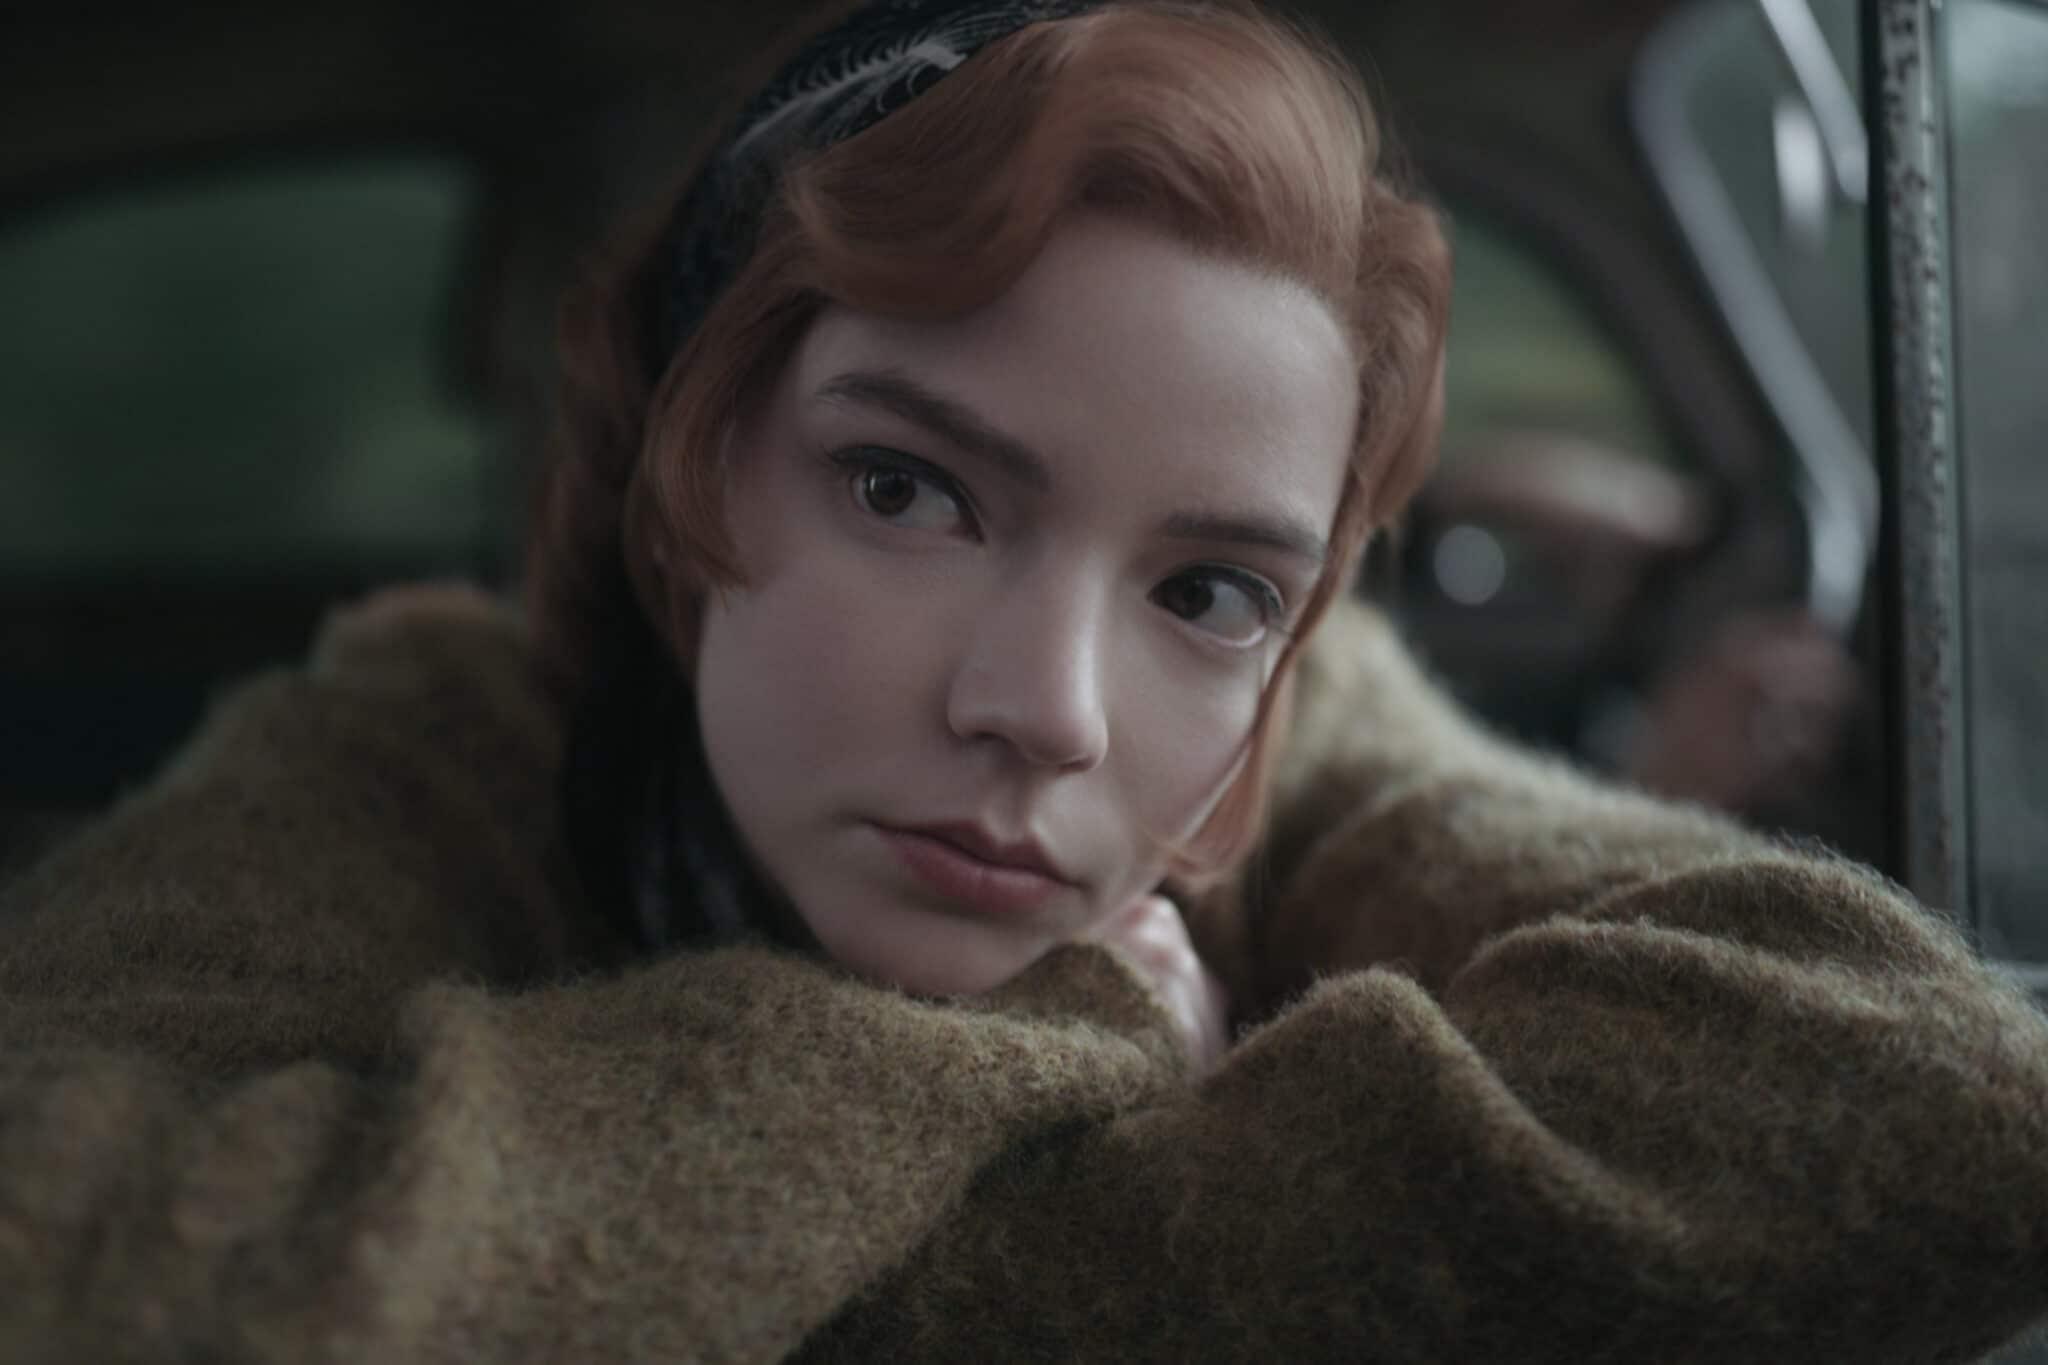 Beth (Anya Taylor-Joy) stützt ihren Kopf nachdenklich auf ihre verschränkten Arme. Sie trägt ein braunes Oberteil und einen Reif im Haar.